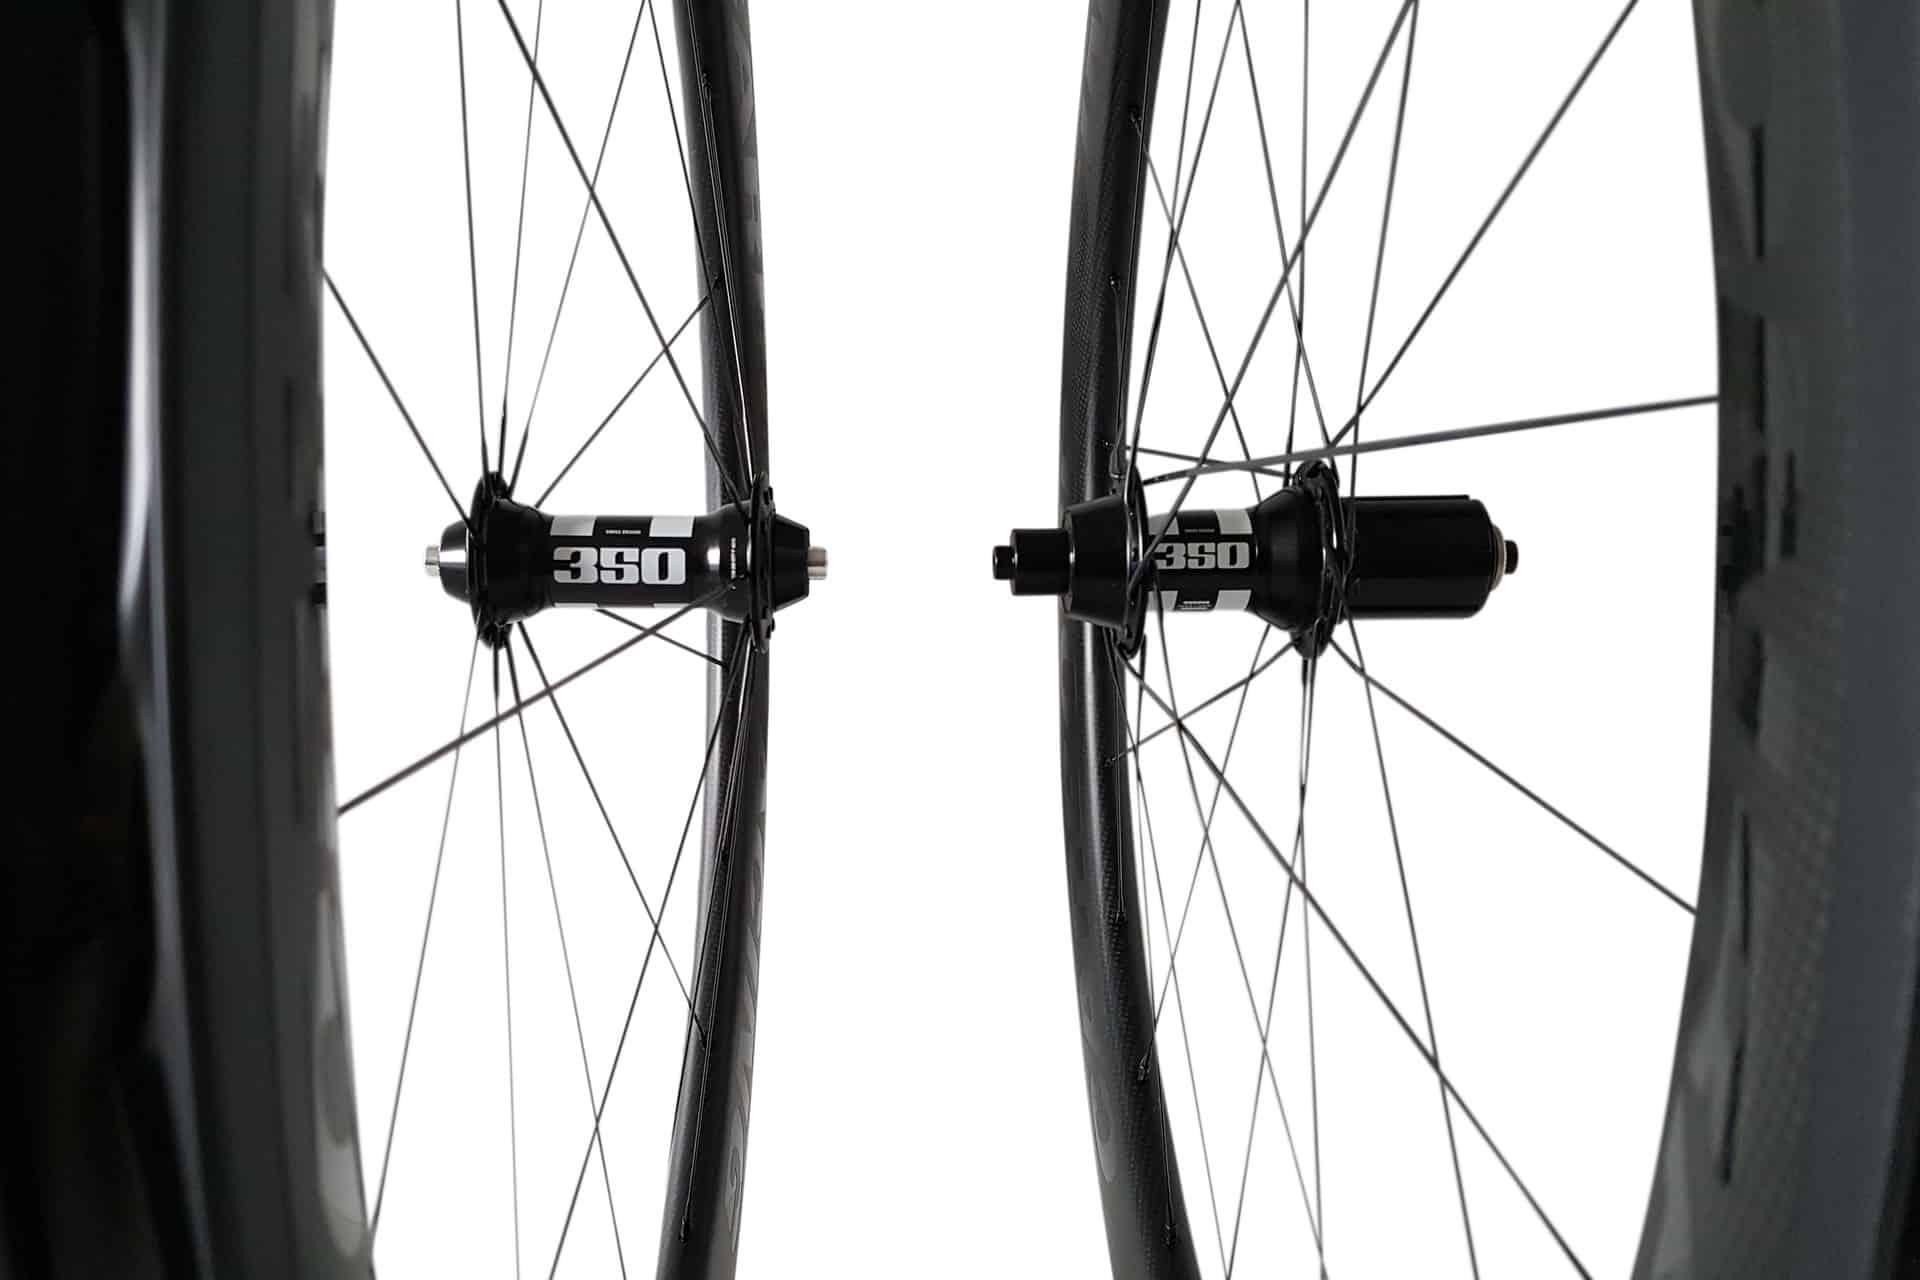 CR5-55 carbon wielen met DT 350 naven